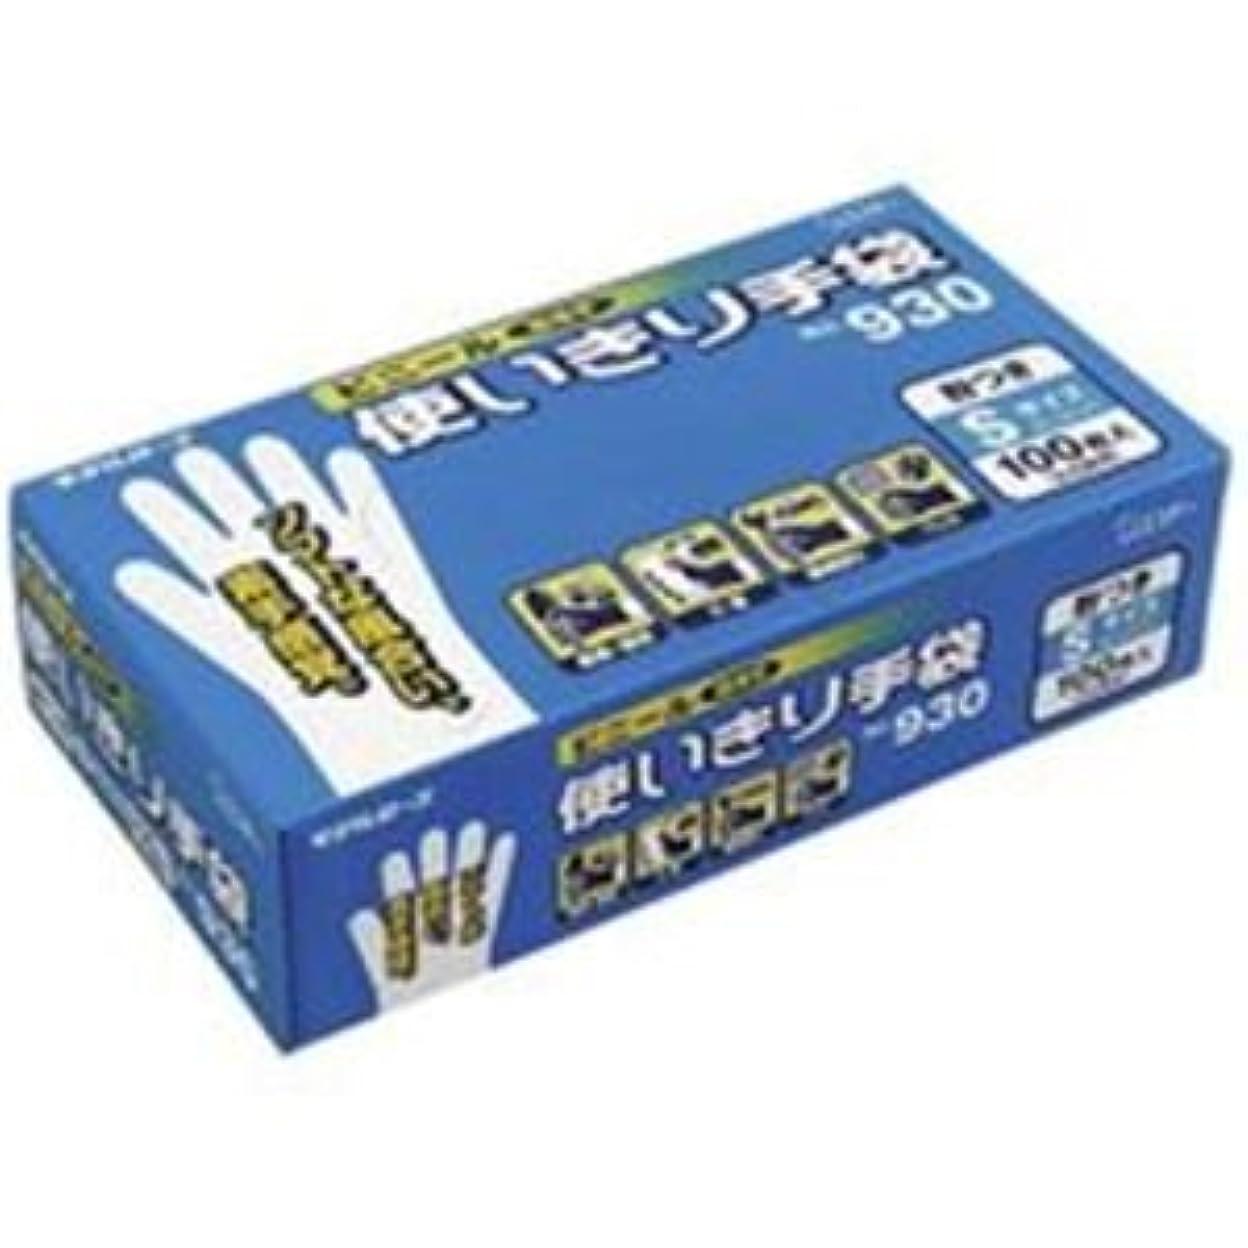 に賛成磁器分析的なインテリア 日用雑貨 掃除用品 (業務用30セット) ビニール使い切り No.930 S 1箱